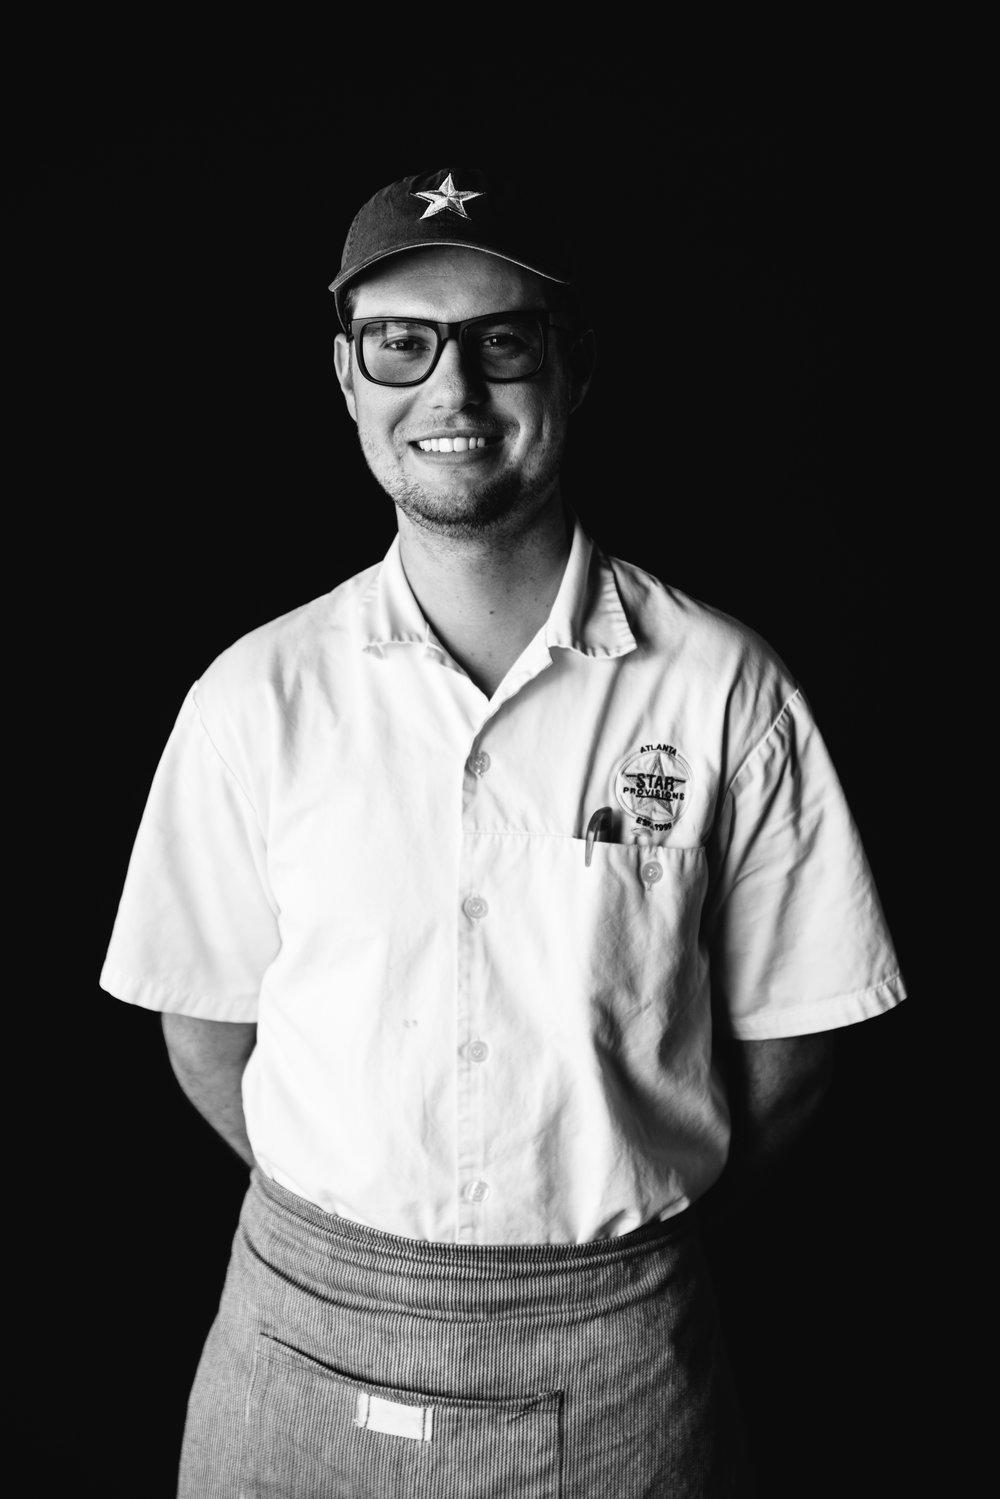 Robert S. Cunningham, Manager